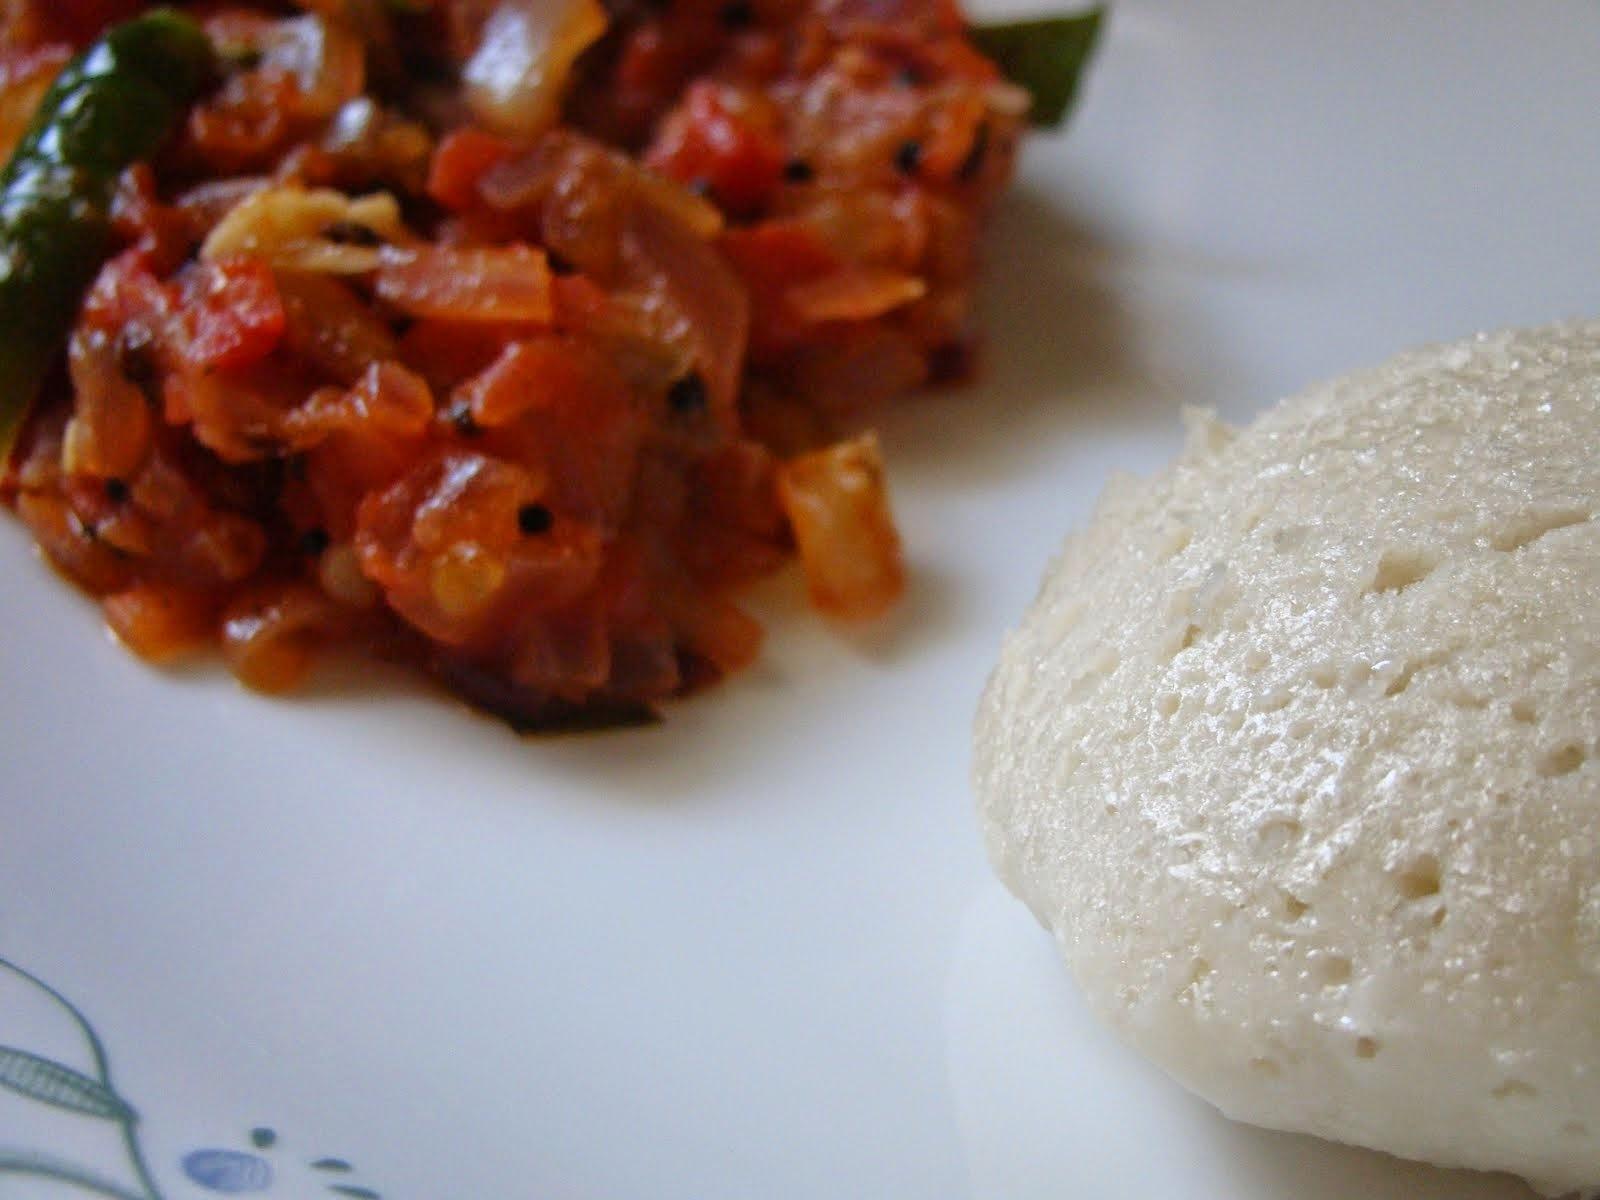 Chennai Special Thakkali Thokku - Tomato Onion Gravy - Side dish for Chappathi, Idli, dosa, etc.